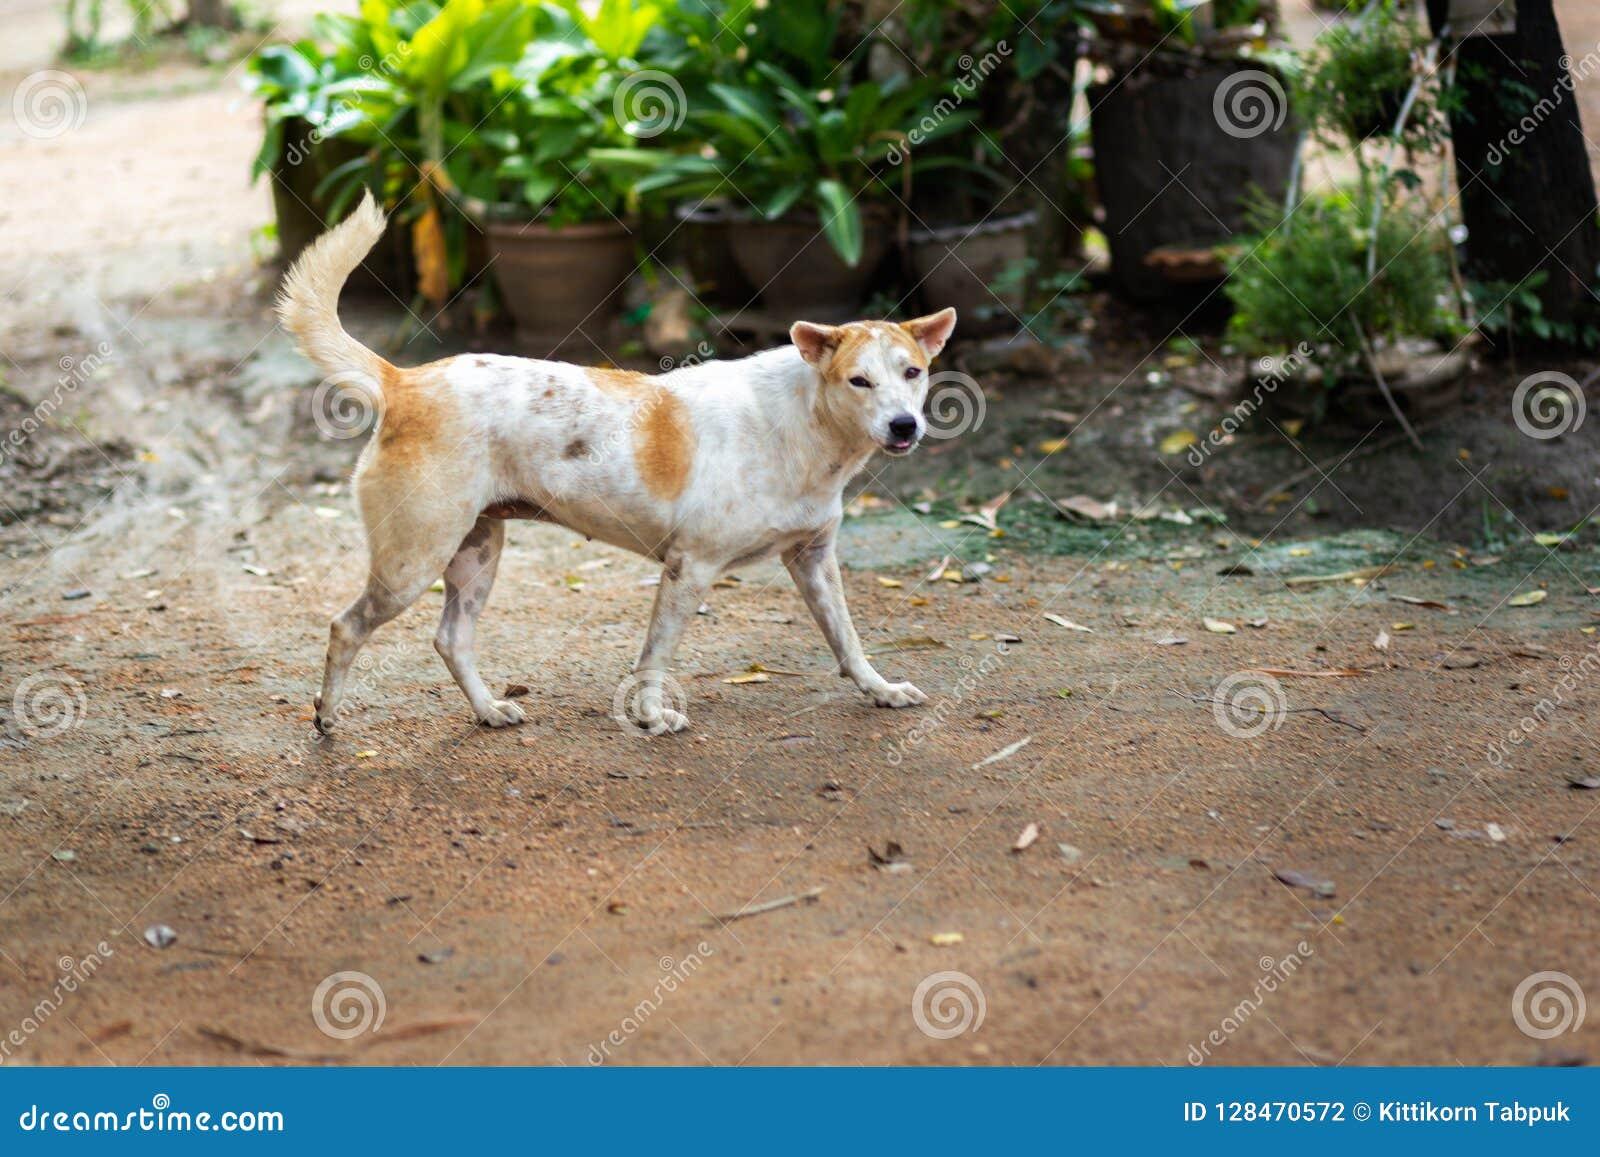 Thailändischer Gene Dog